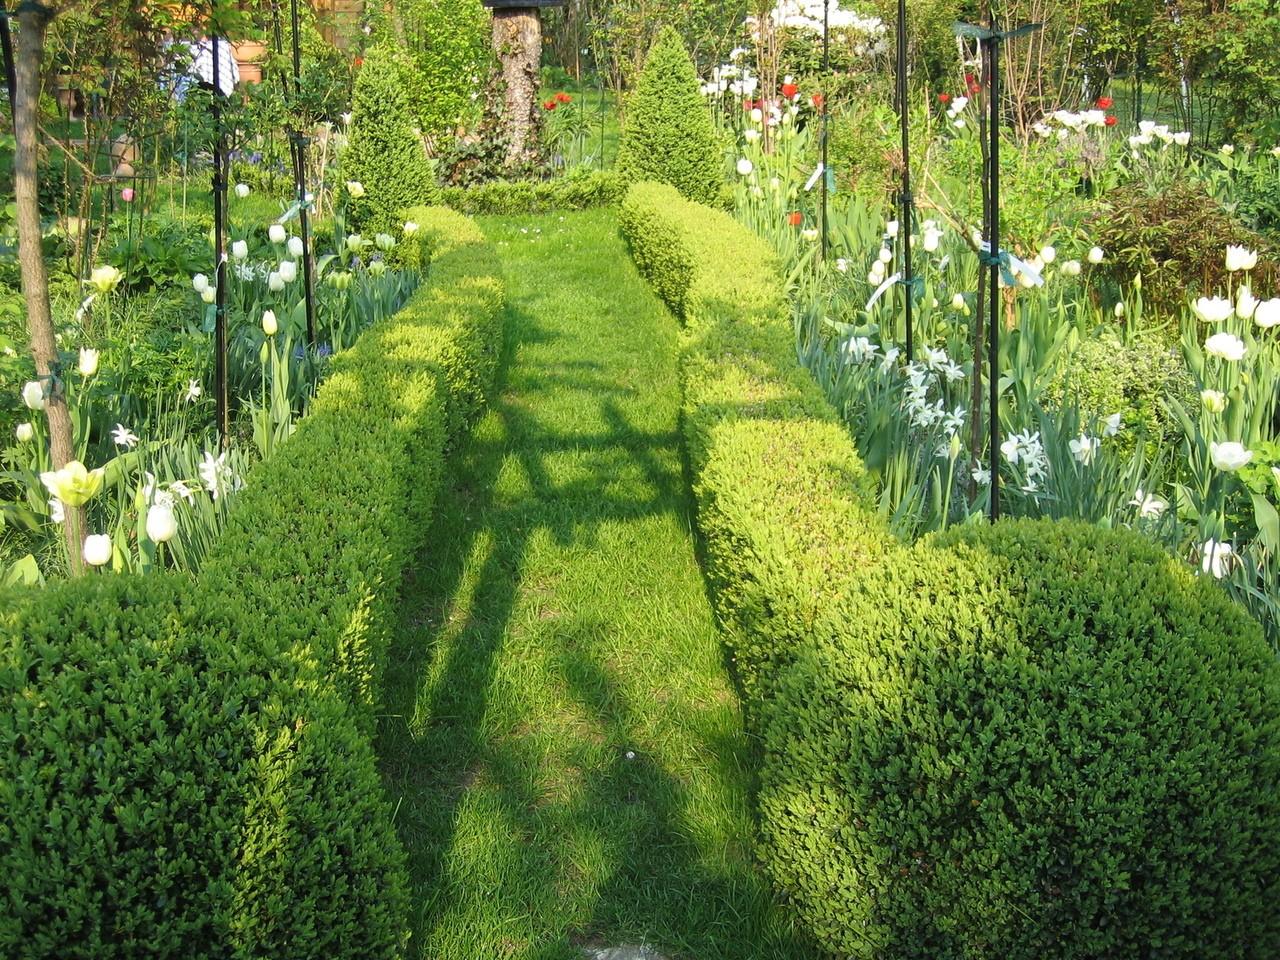 Zielony ogród przez cały rok